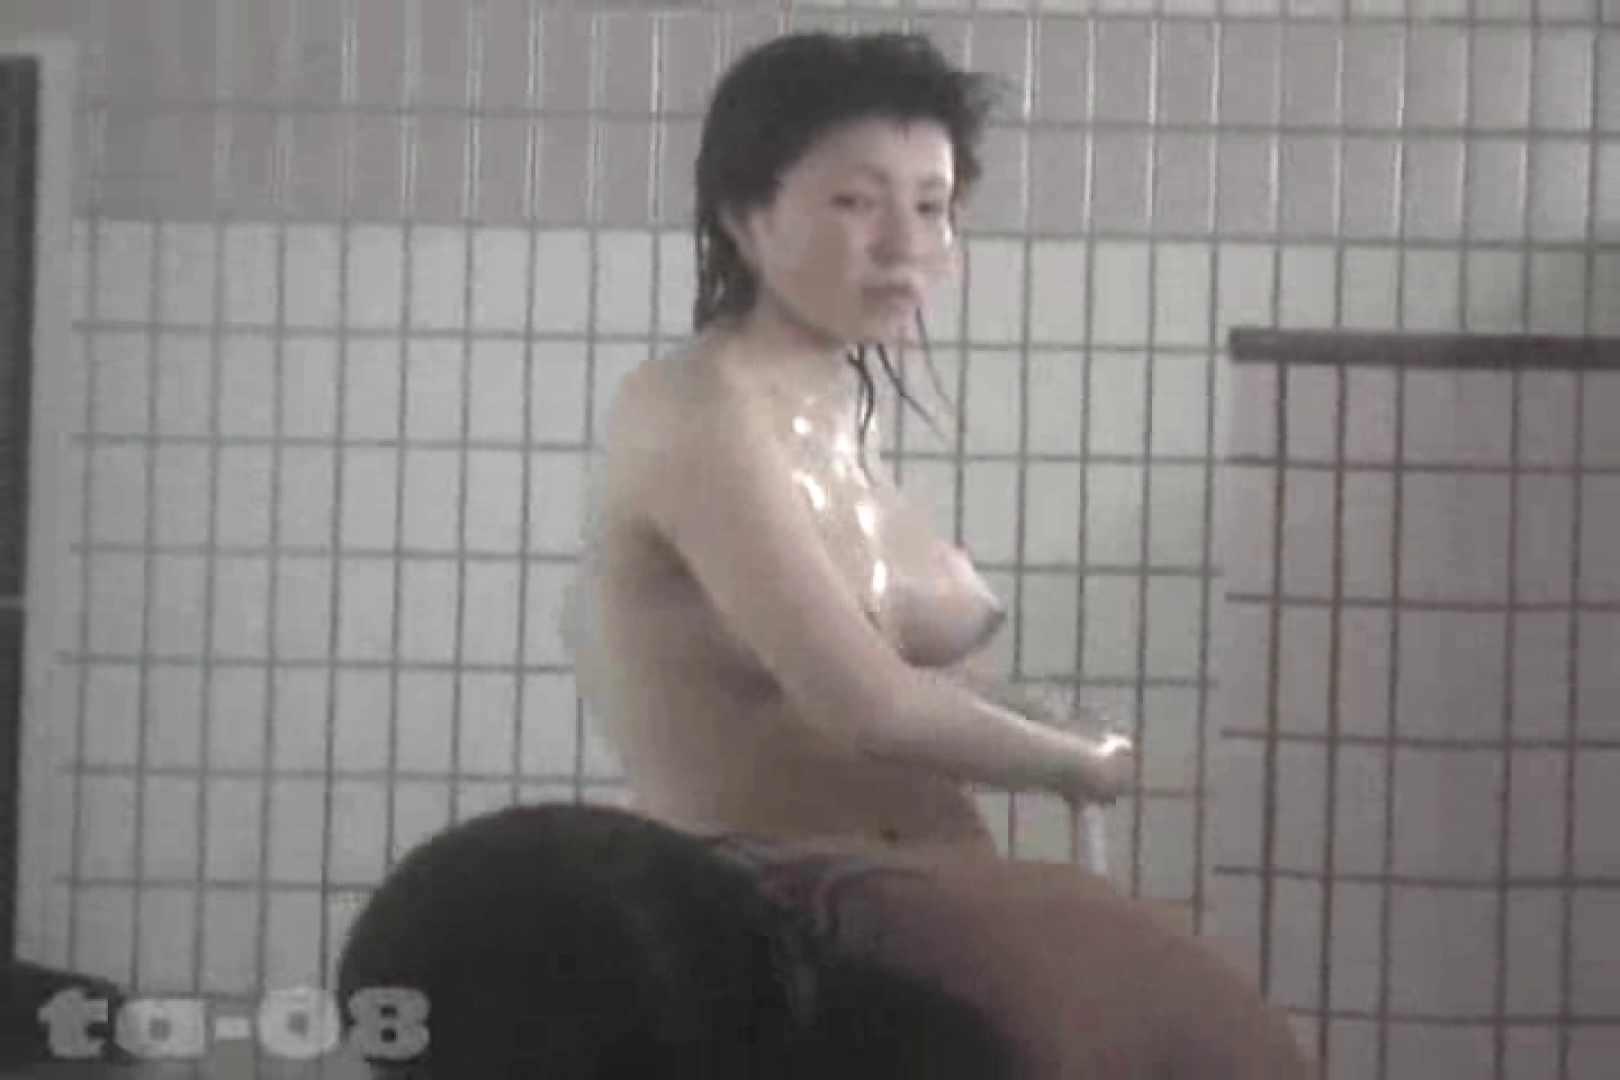 合宿ホテル女風呂盗撮高画質版 Vol.08 高画質  61pic 44